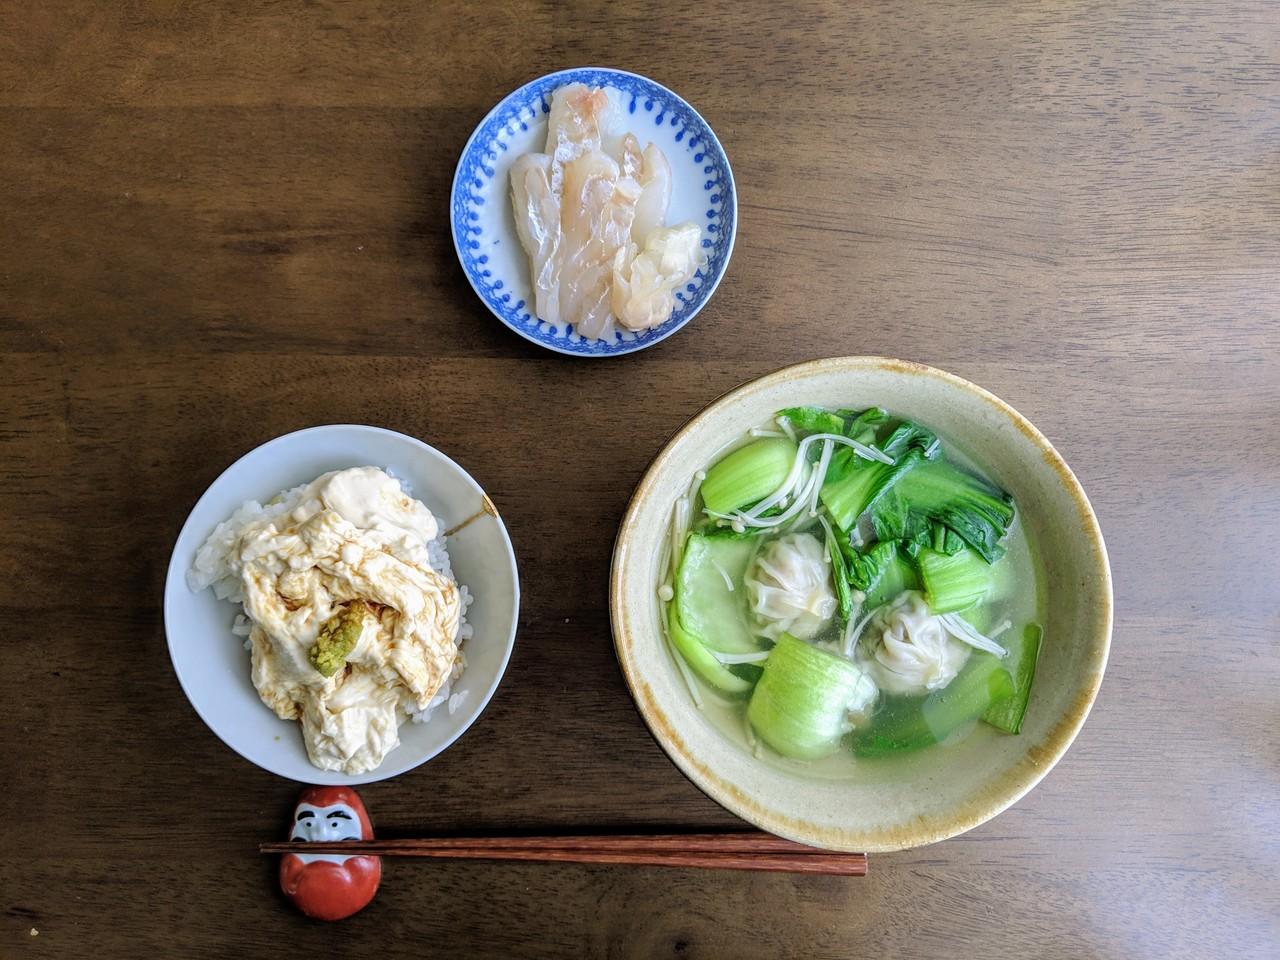 ・ヒラメの昆布締め ・湯葉丼 ・小籠包とチンゲン菜、えのきのスープ